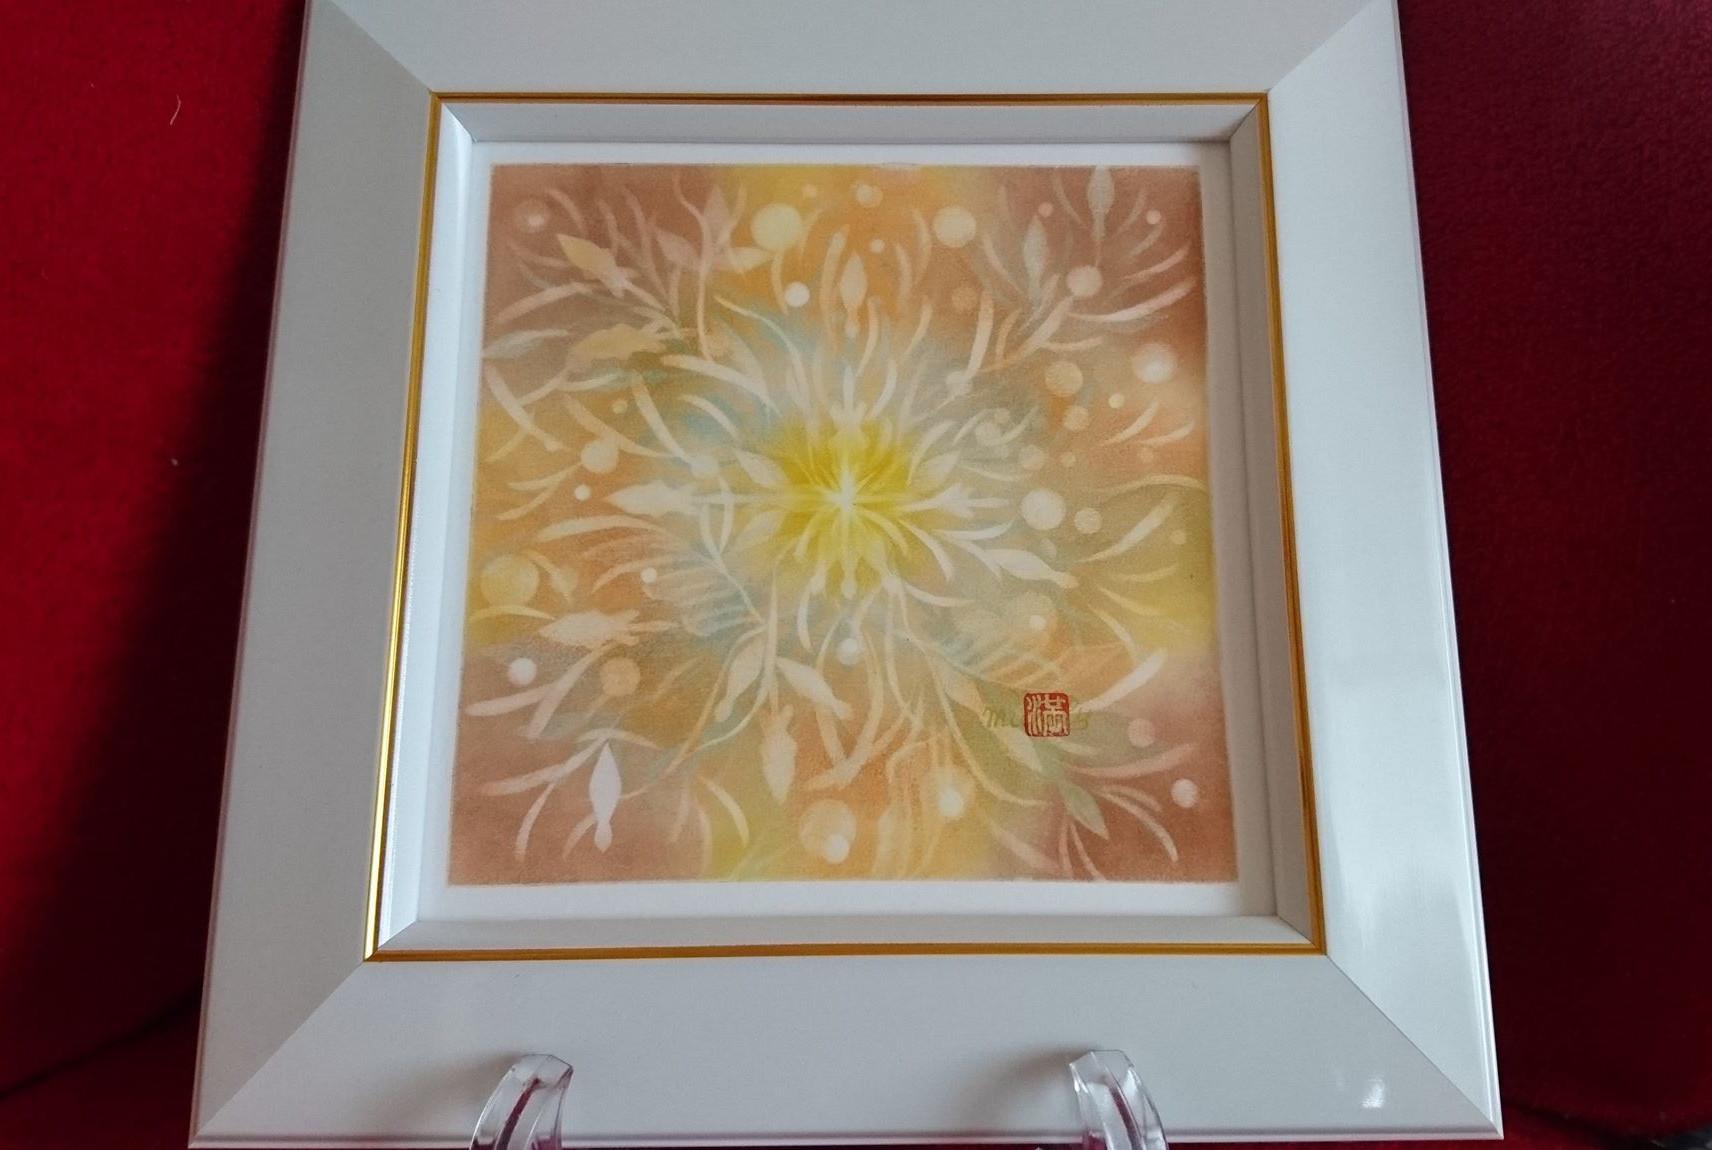 【制作実績】結晶の花アート「反応を楽しむ」1